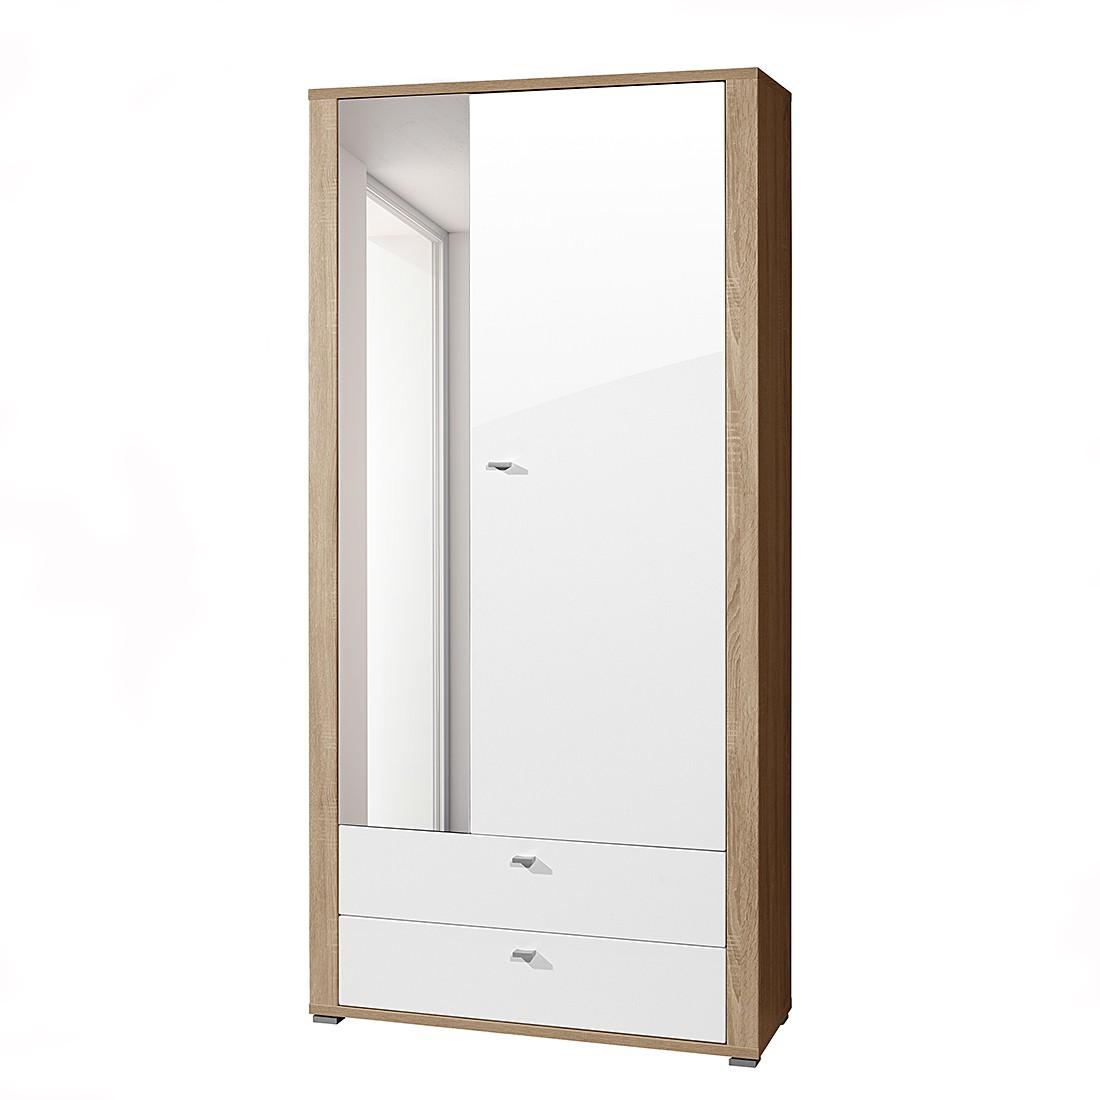 Garderobenschrank Santa Rosa - Weiß Hochglanz/Eiche Dekor